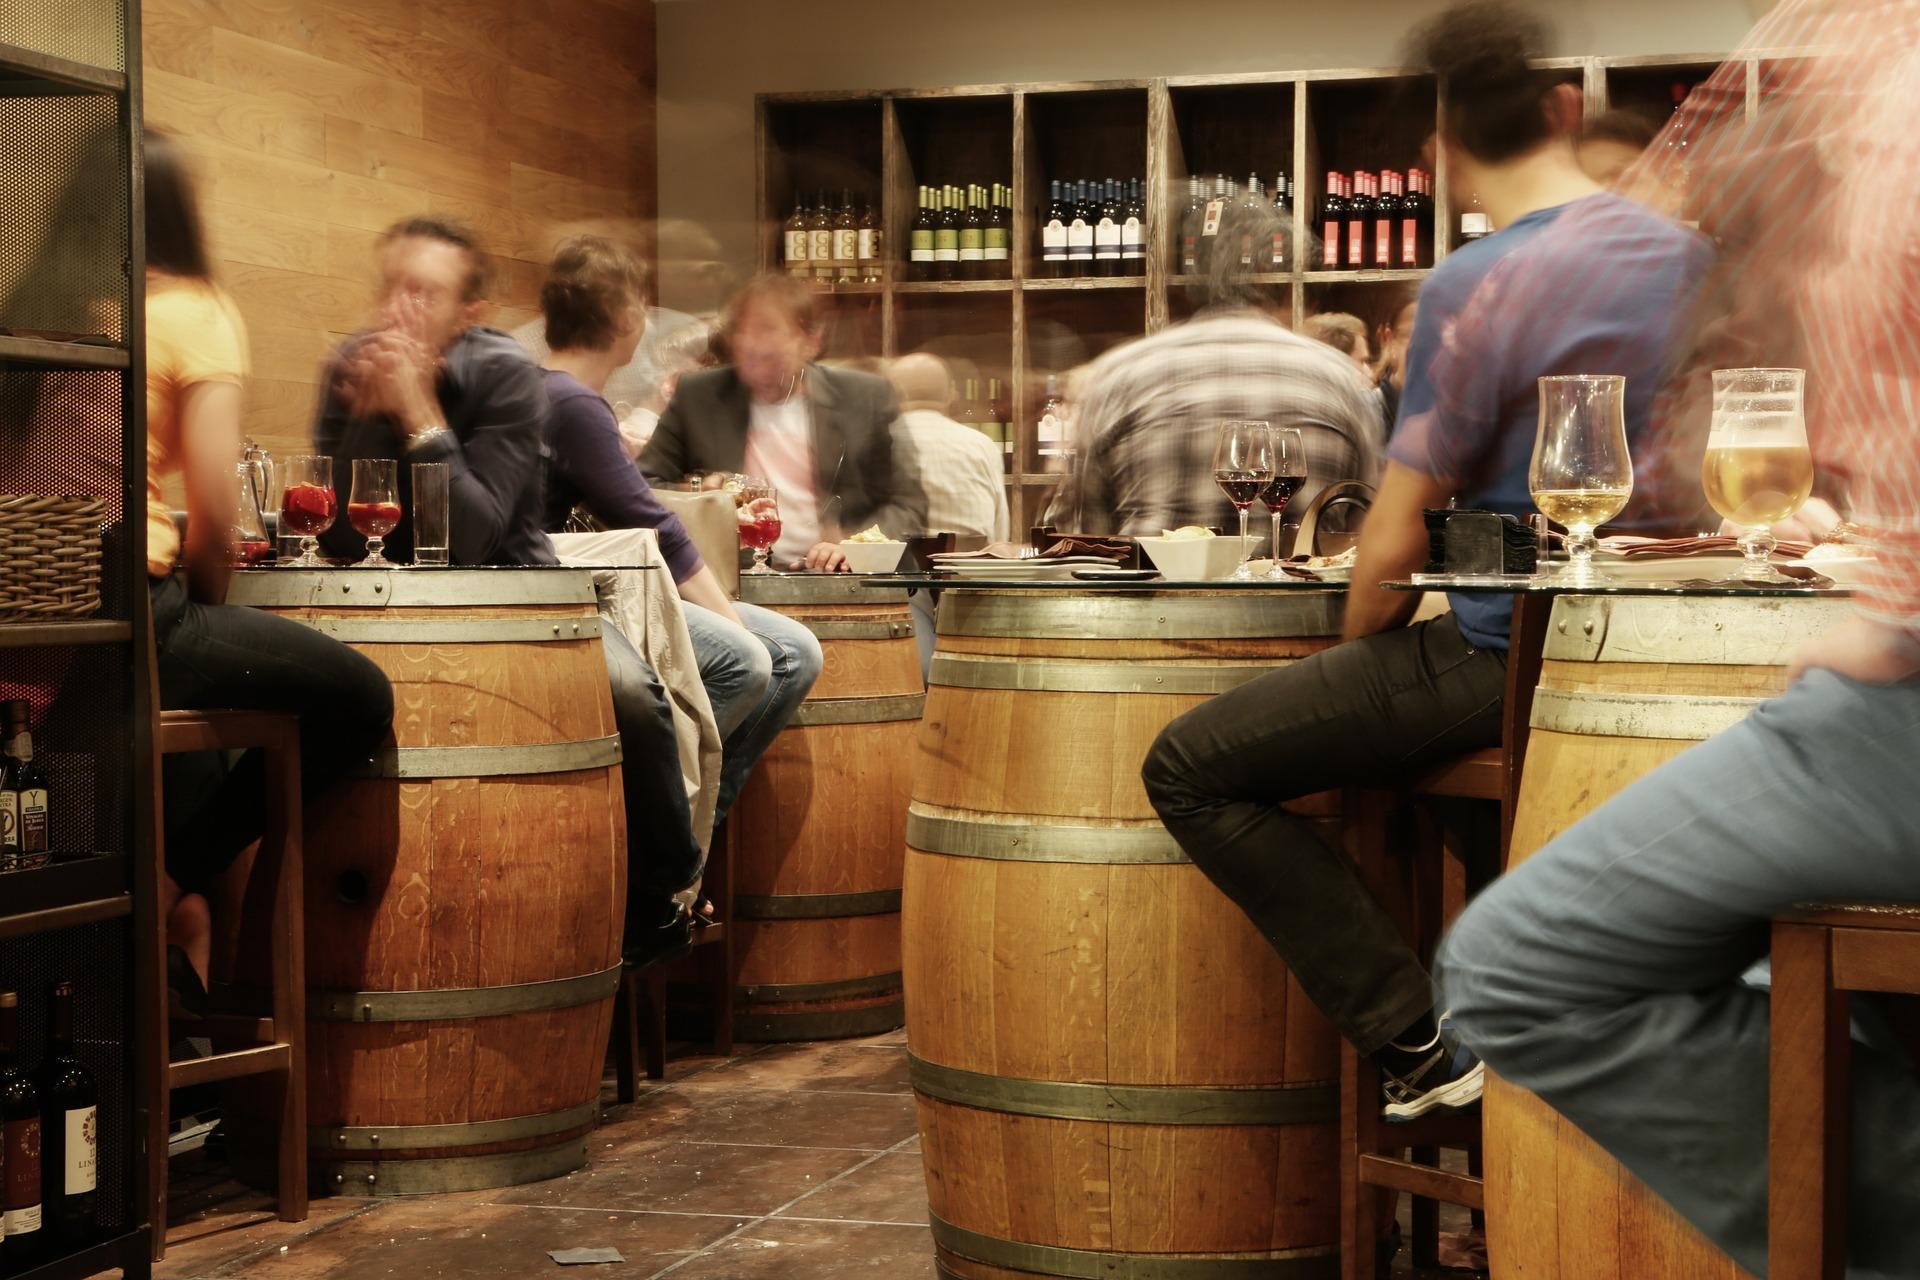 bar-406884_1920.jpg